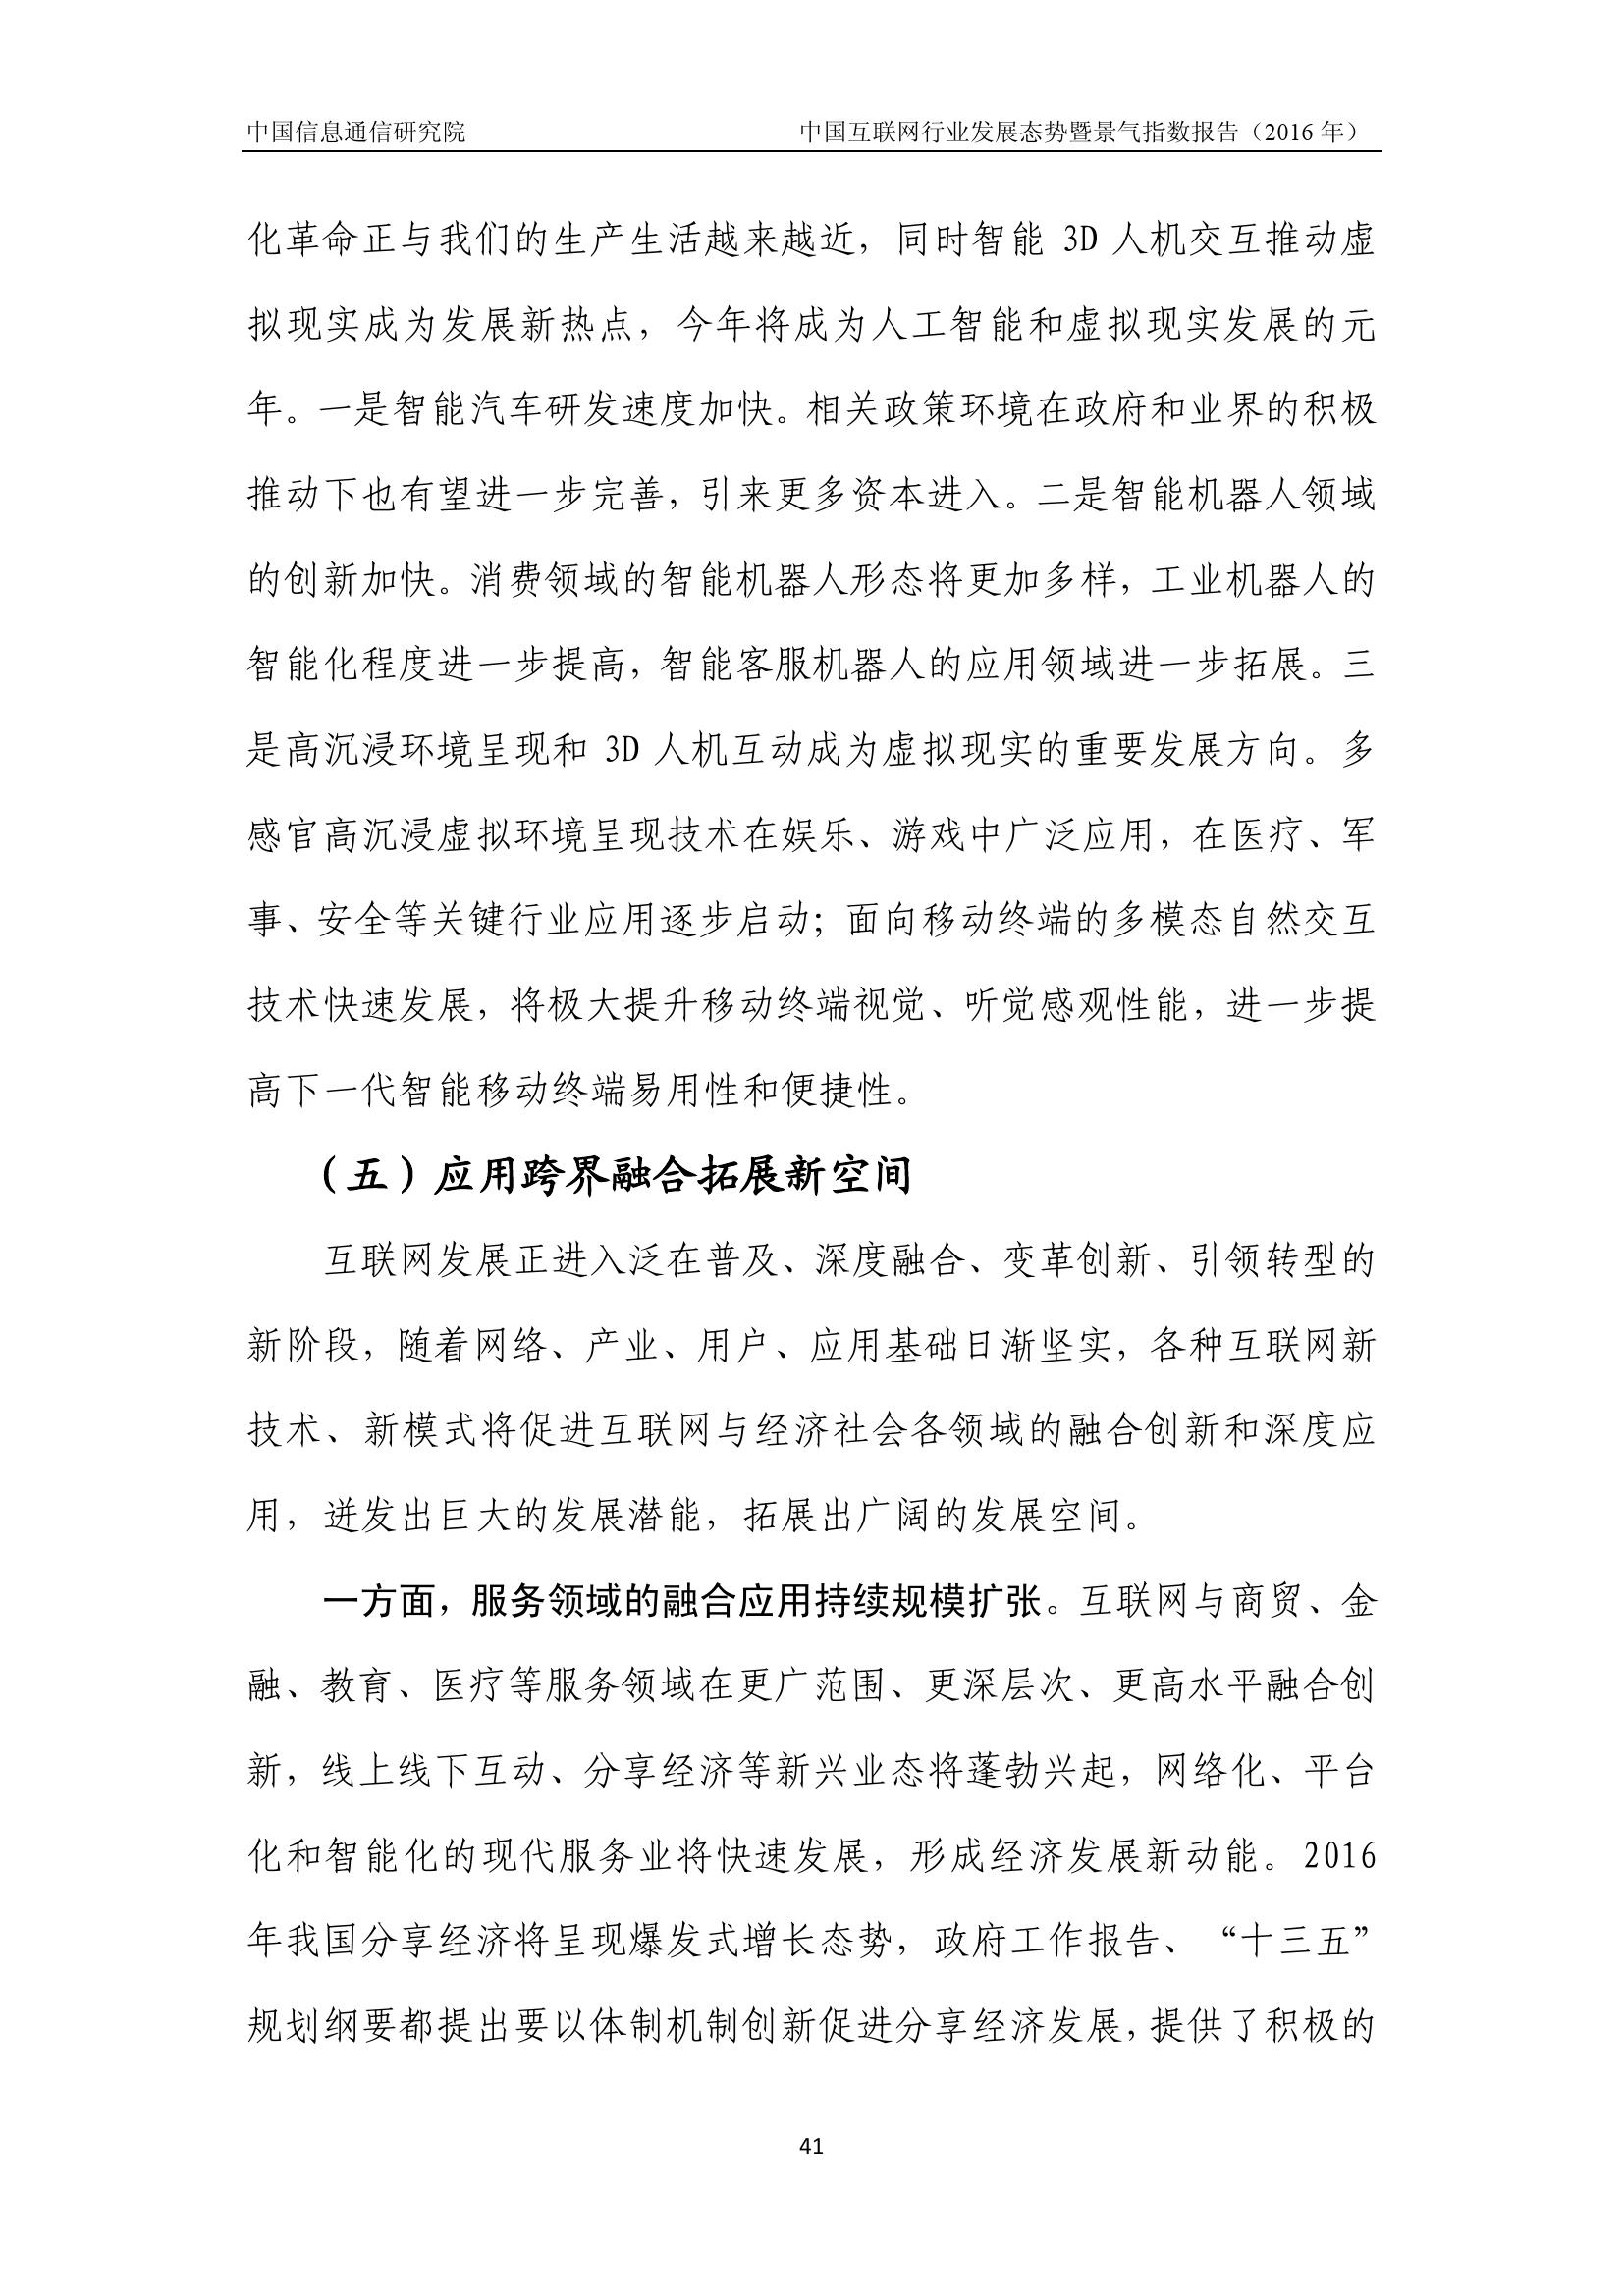 2016年中国互联网行业发展态势暨景气指数报告_000045